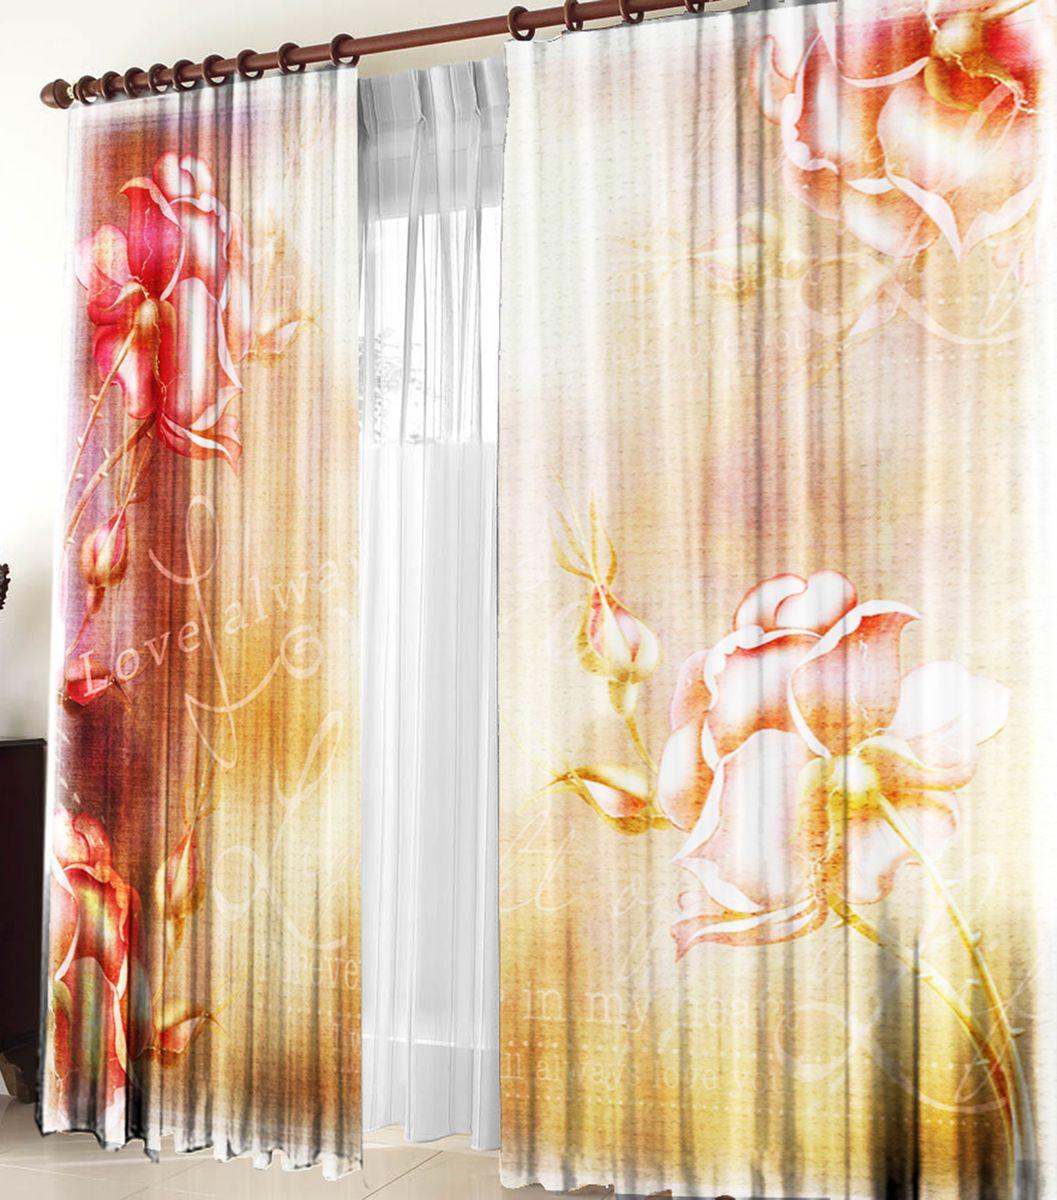 Комплект фотоштор Zlata Korunka Love, на ленте, высота 270 см1004900000360Комплект фотоштор Zlata Korunka изготовлен из габардиновой ткани высочайшего качества. Фотошторы способны не пропускать самый яркий свет, их можно гладить и стирать. Рекомендации по уходу: бережная стирка при 30°С, деликатный отжим, отбеливание запрещено, гладить при температуре не более 150°С. Светопоглощение 70%. Плотность ткани: 150 г/м2. Оттенок изделия может отличаться от представленного на сайте в силу особенностей цветопередачи фототехники и вашего монитора.